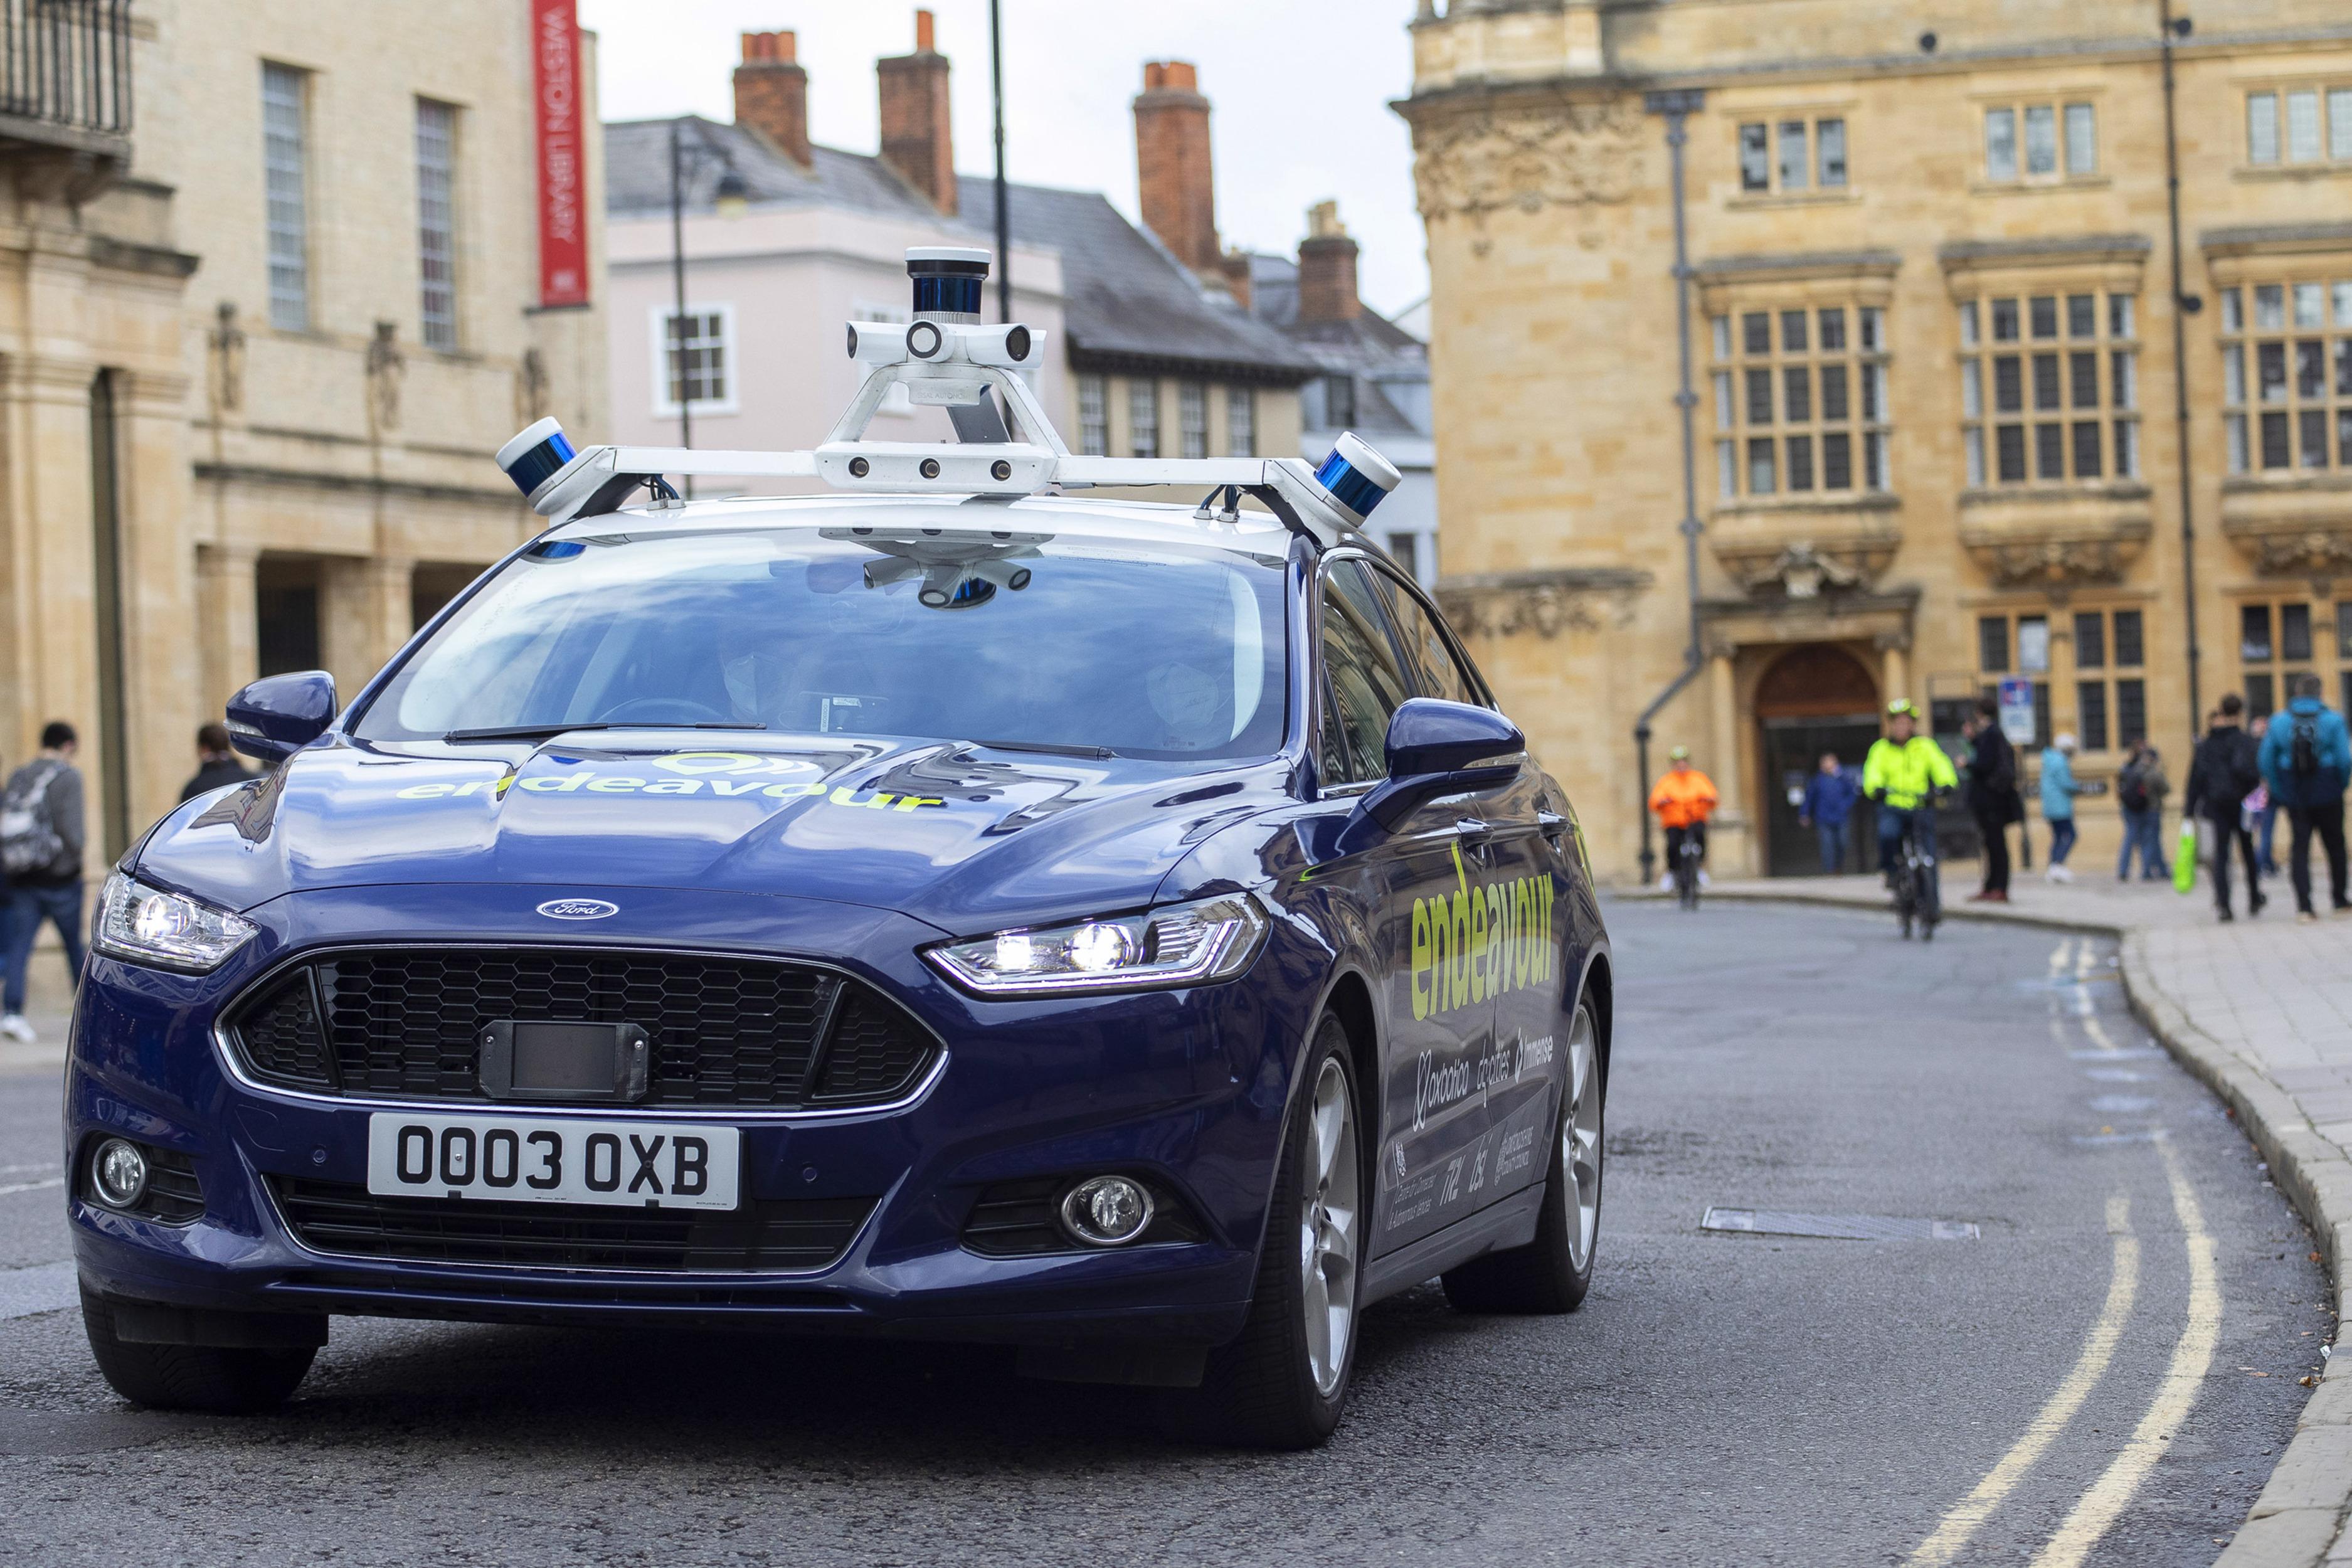 Project Endeavour autonomous driving trials begin in Birmingham ...